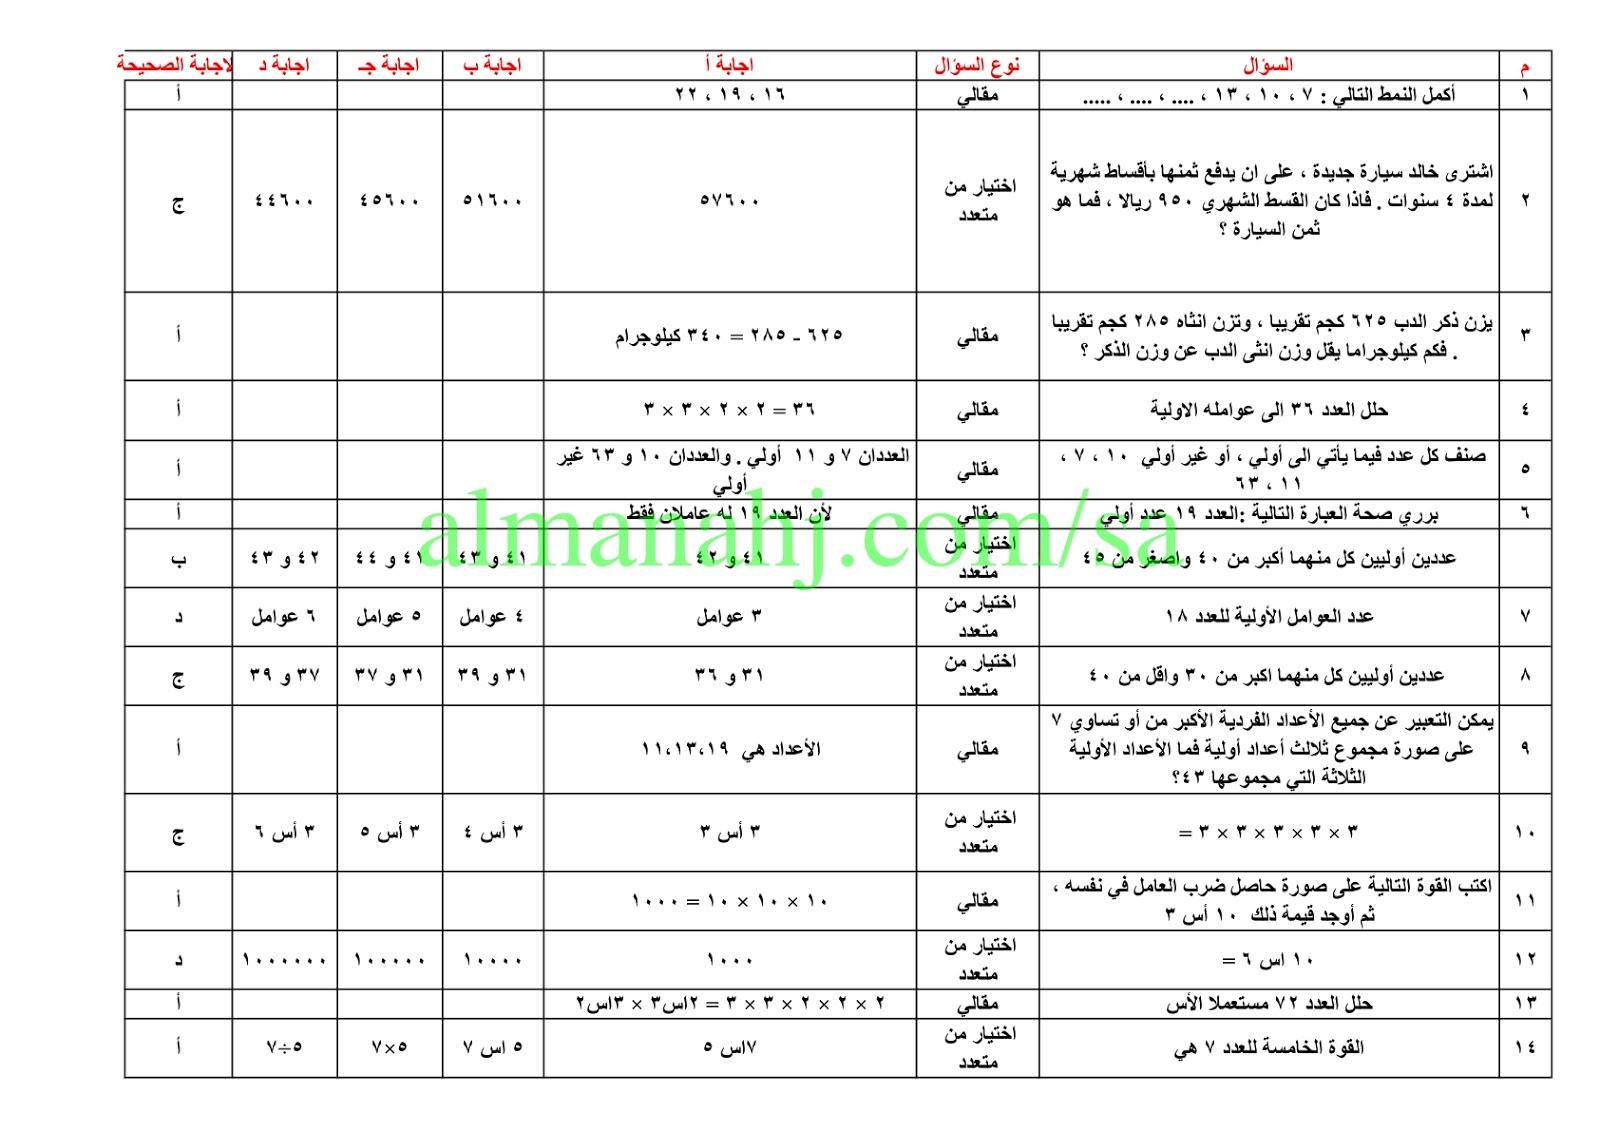 اختبار تحصيلي رياضيات الصف السادس رياضيات الفصل الأول المناهج السعودية